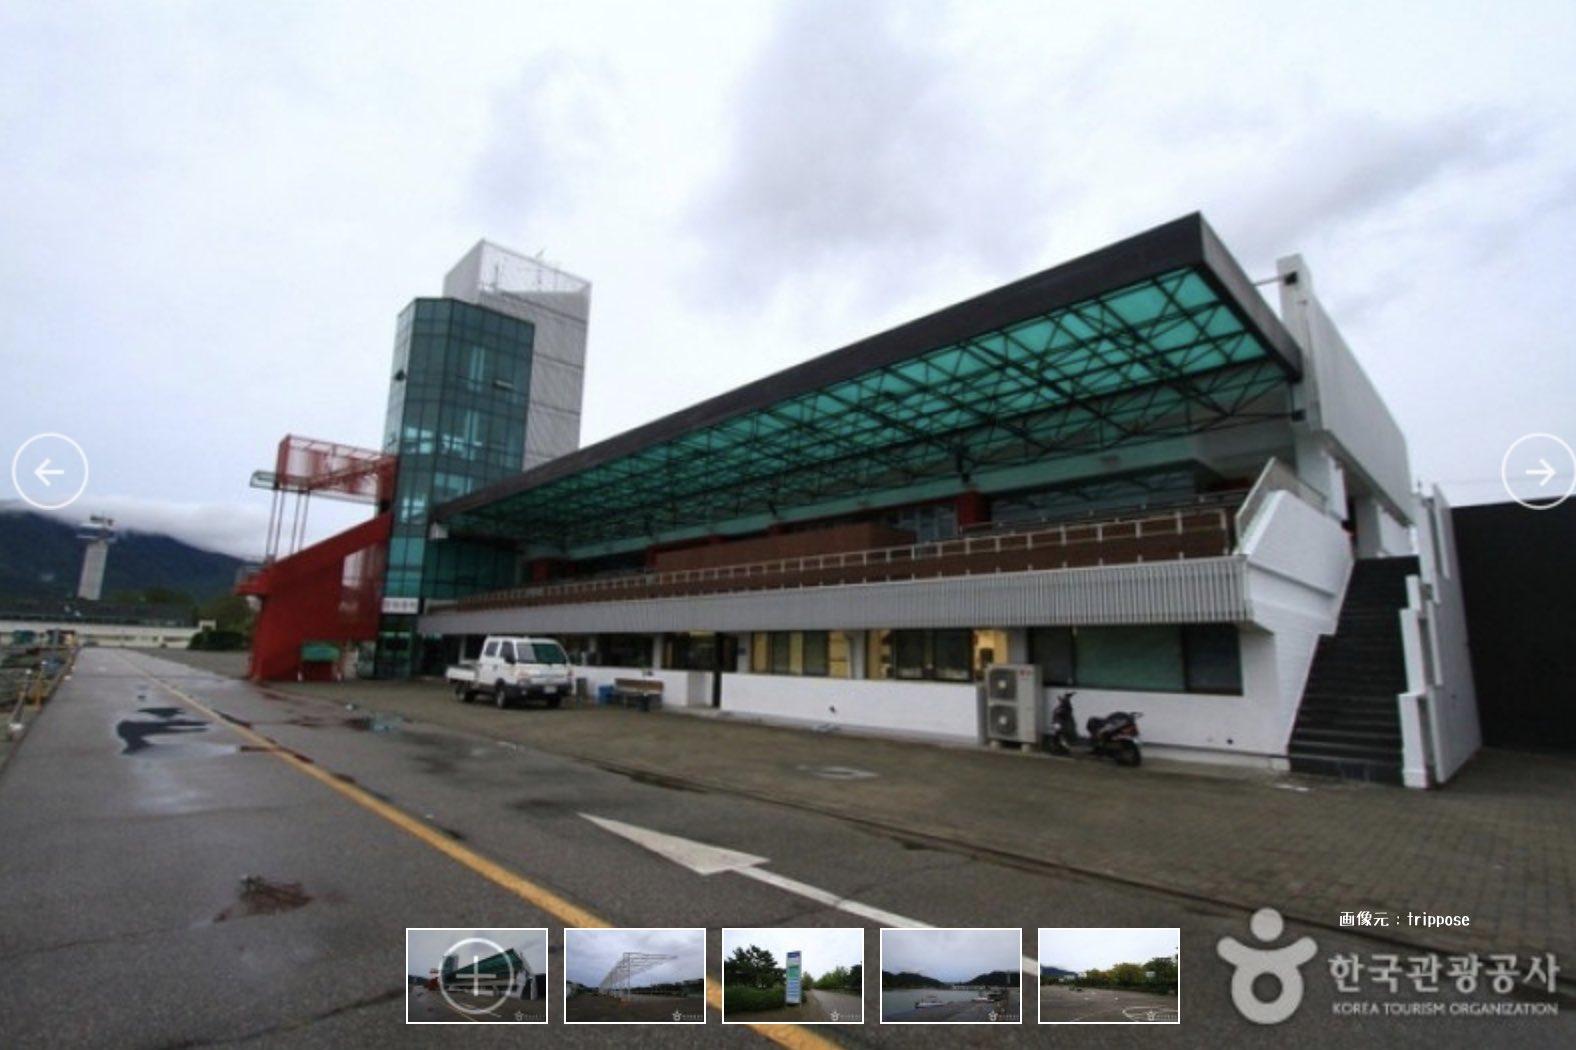 韓国競艇唯一の渼沙里競艇場の写真画像